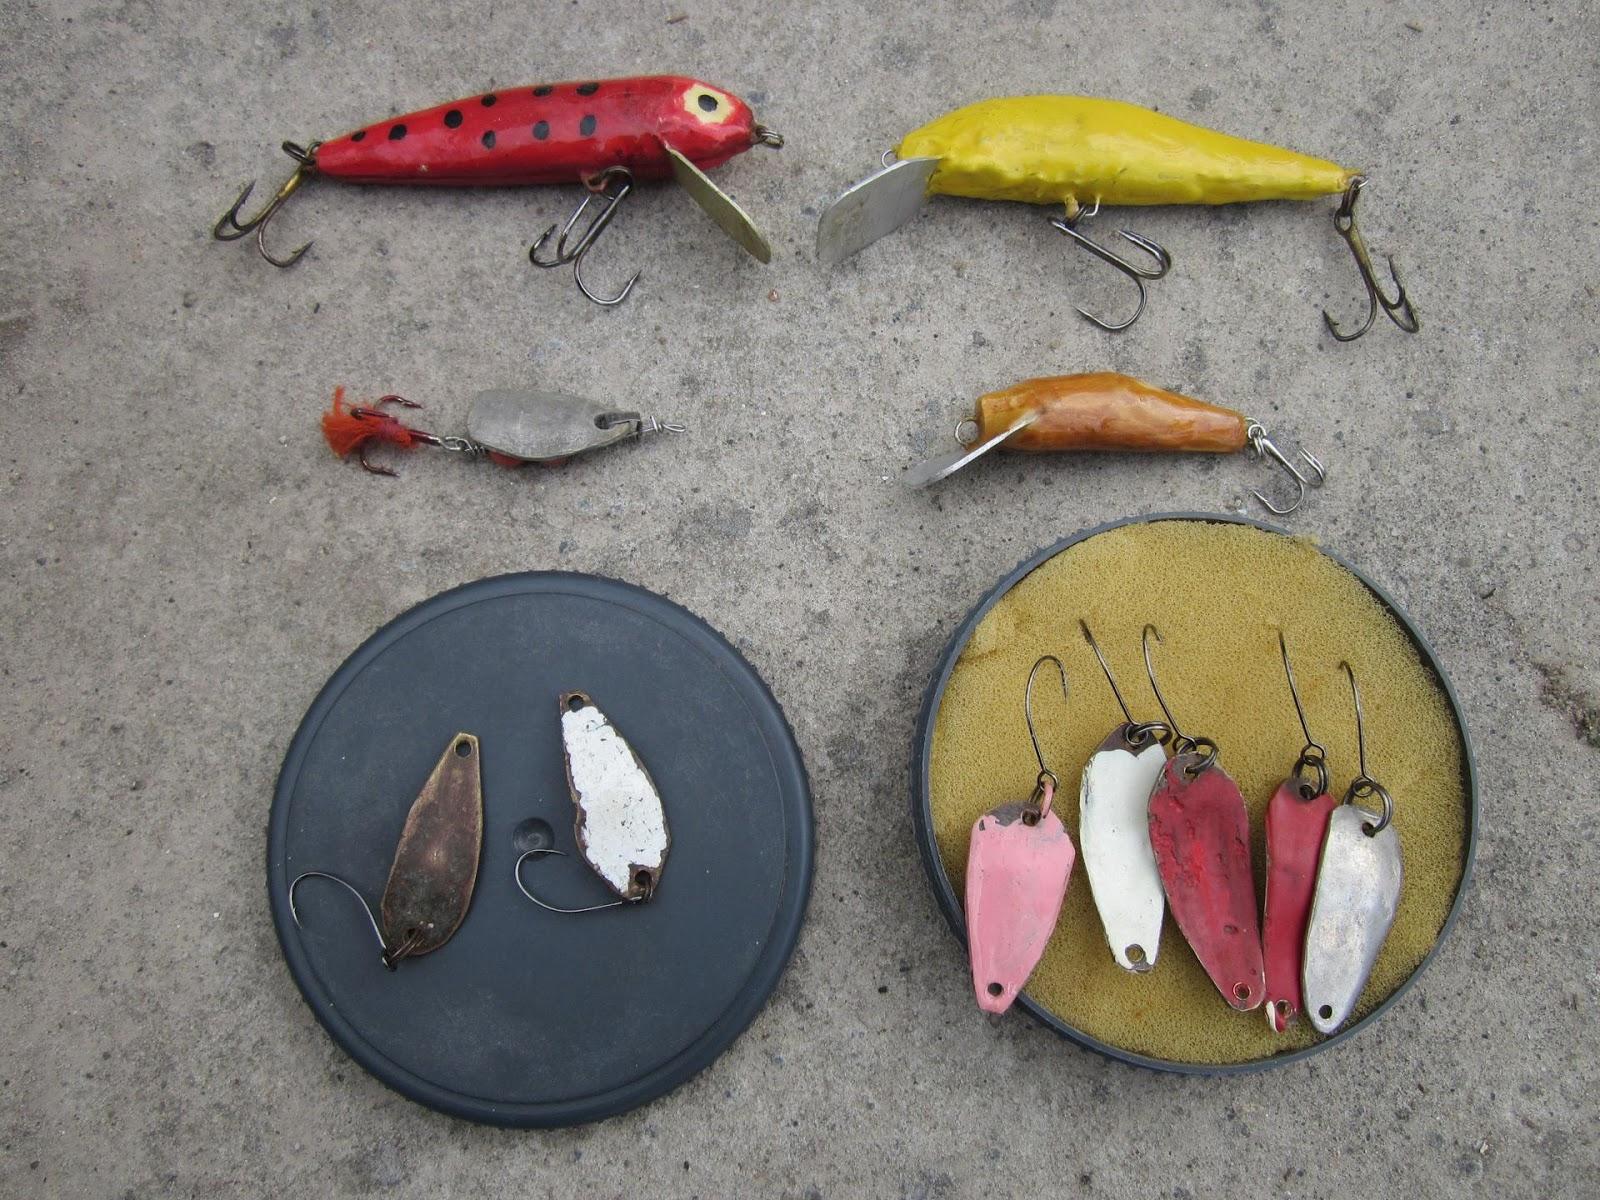 лучшие приманки для ловли хищной рыбы